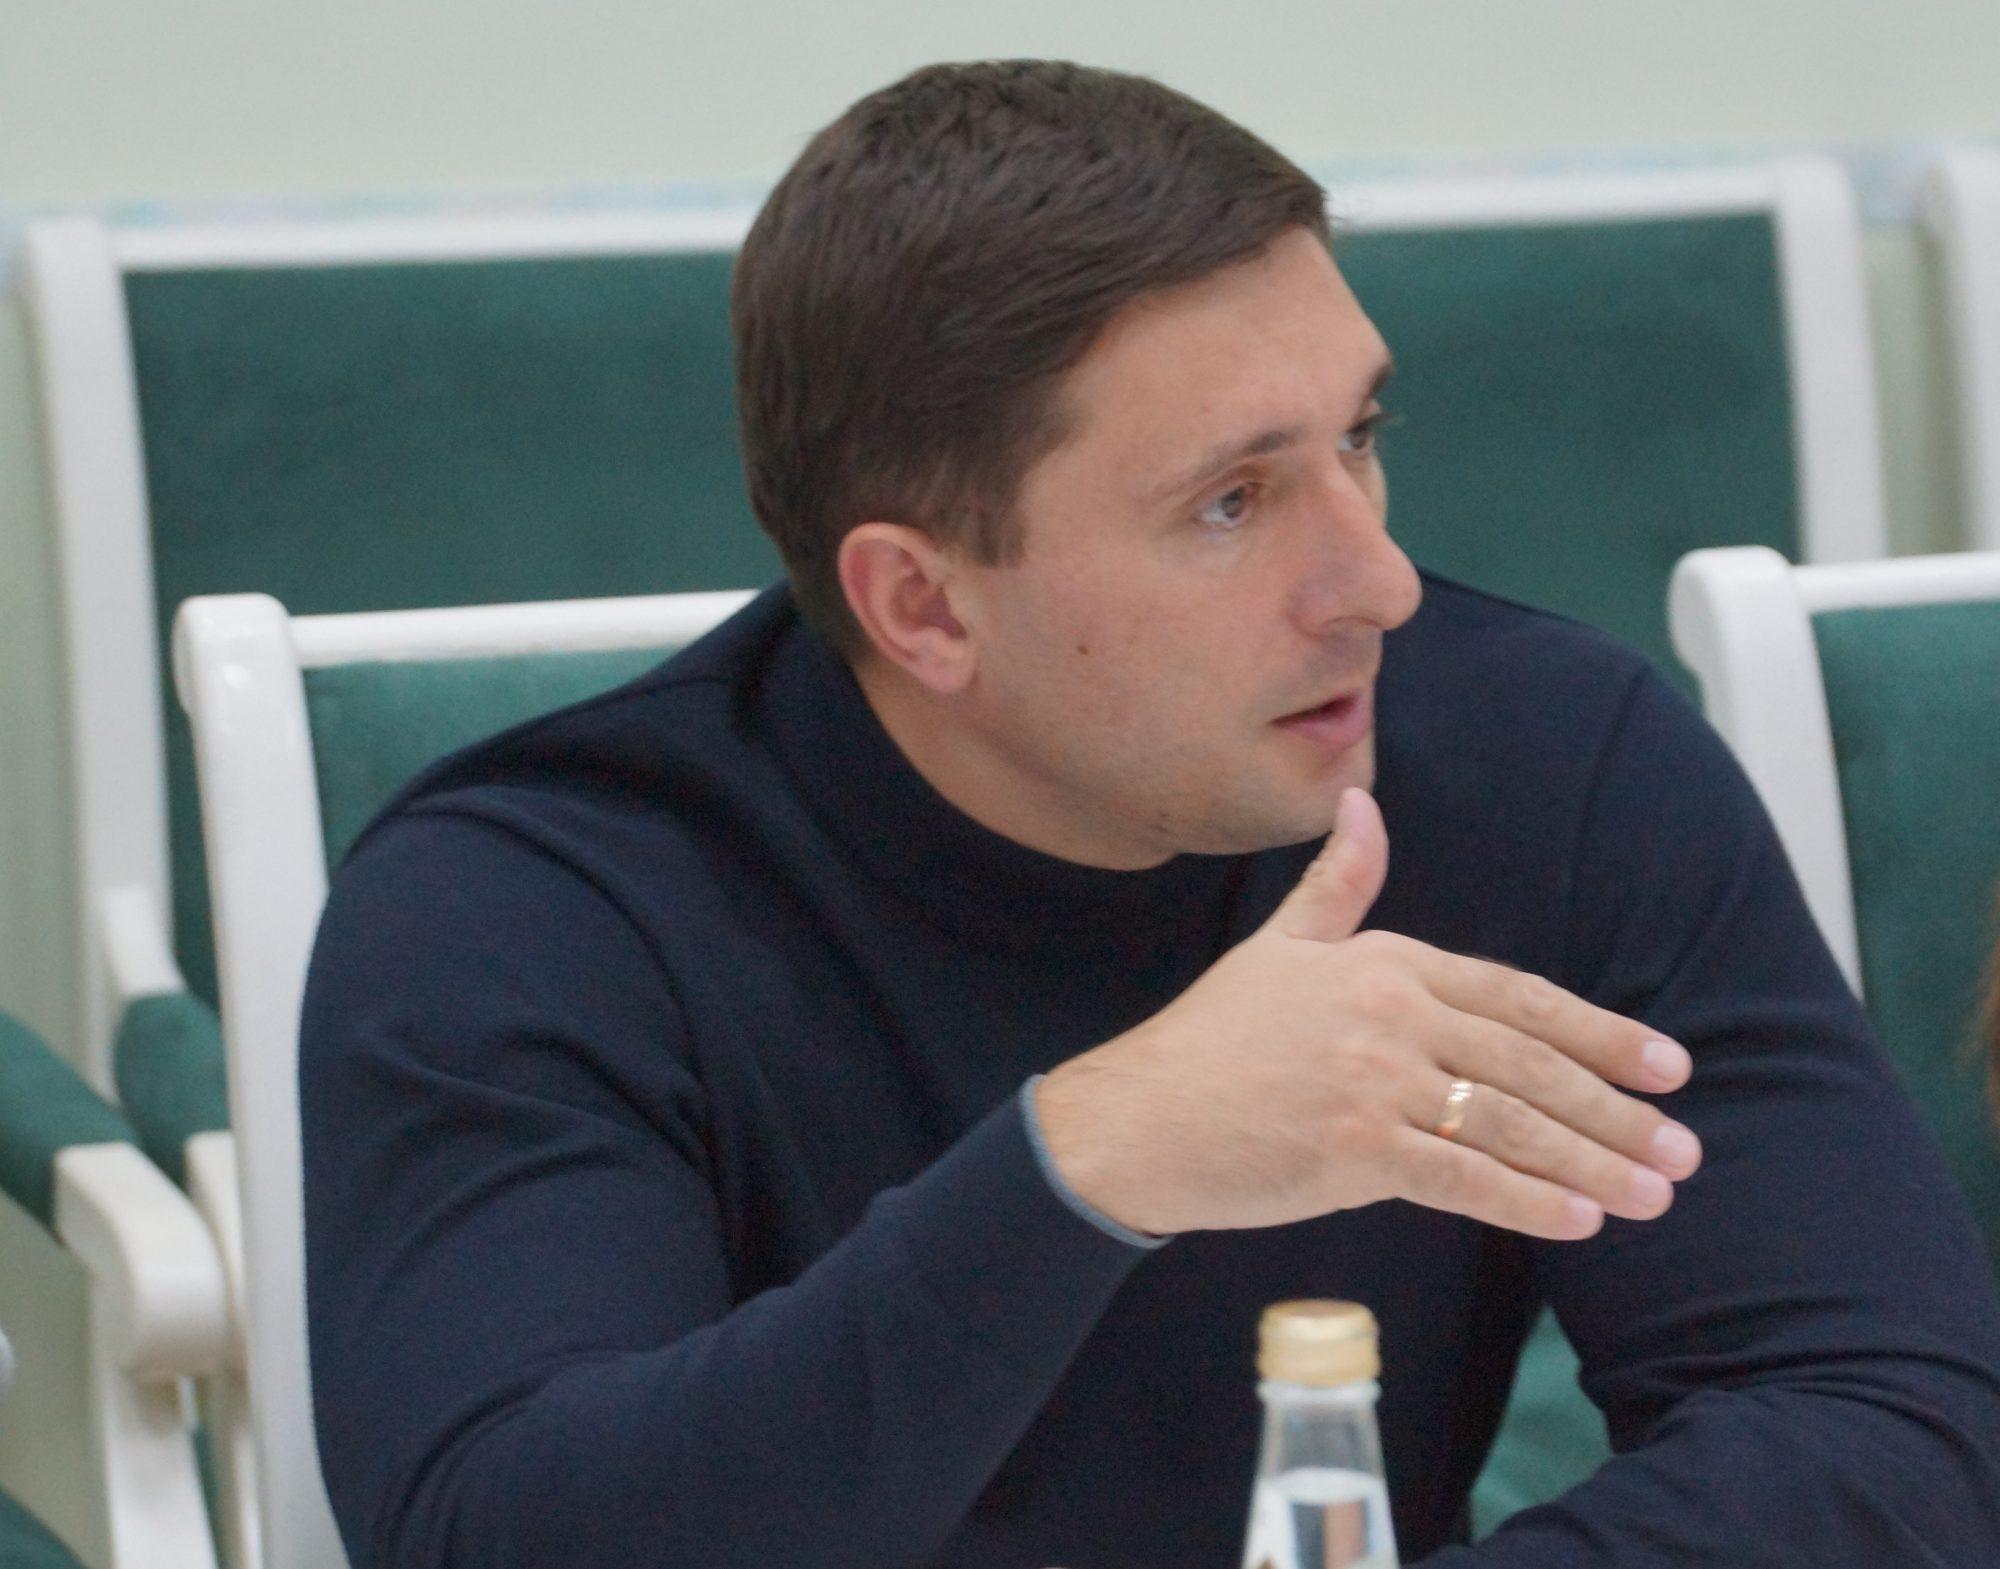 Центр «Мой бизнес»: Саратов положит начало федеральной инфраструктуре поддержки предпринимательства